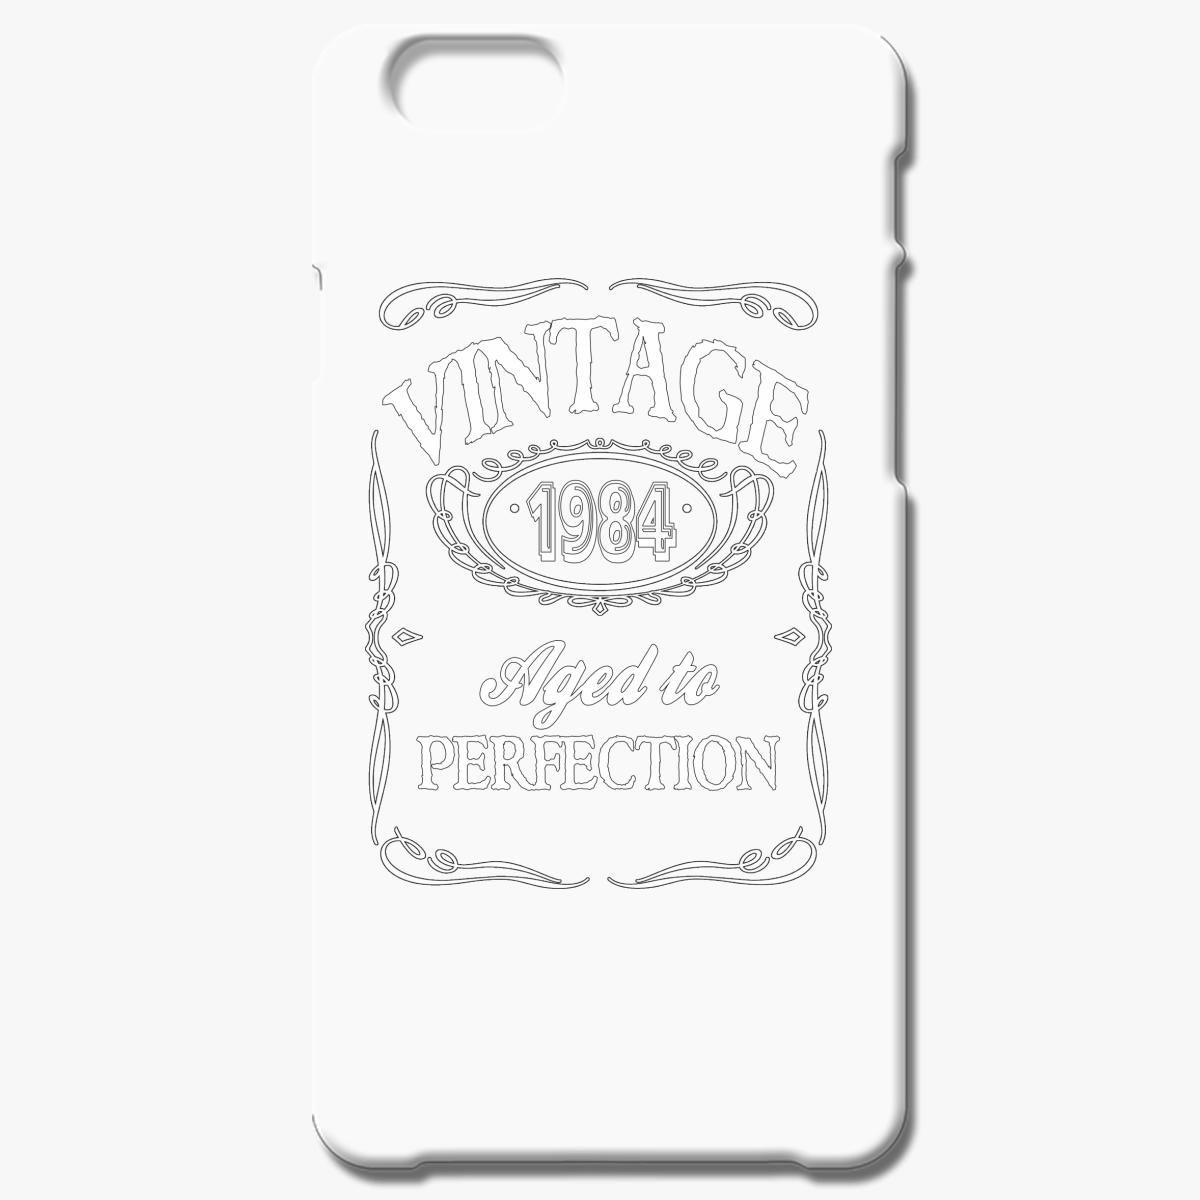 Vintage Iphone 6 6s Plus Case